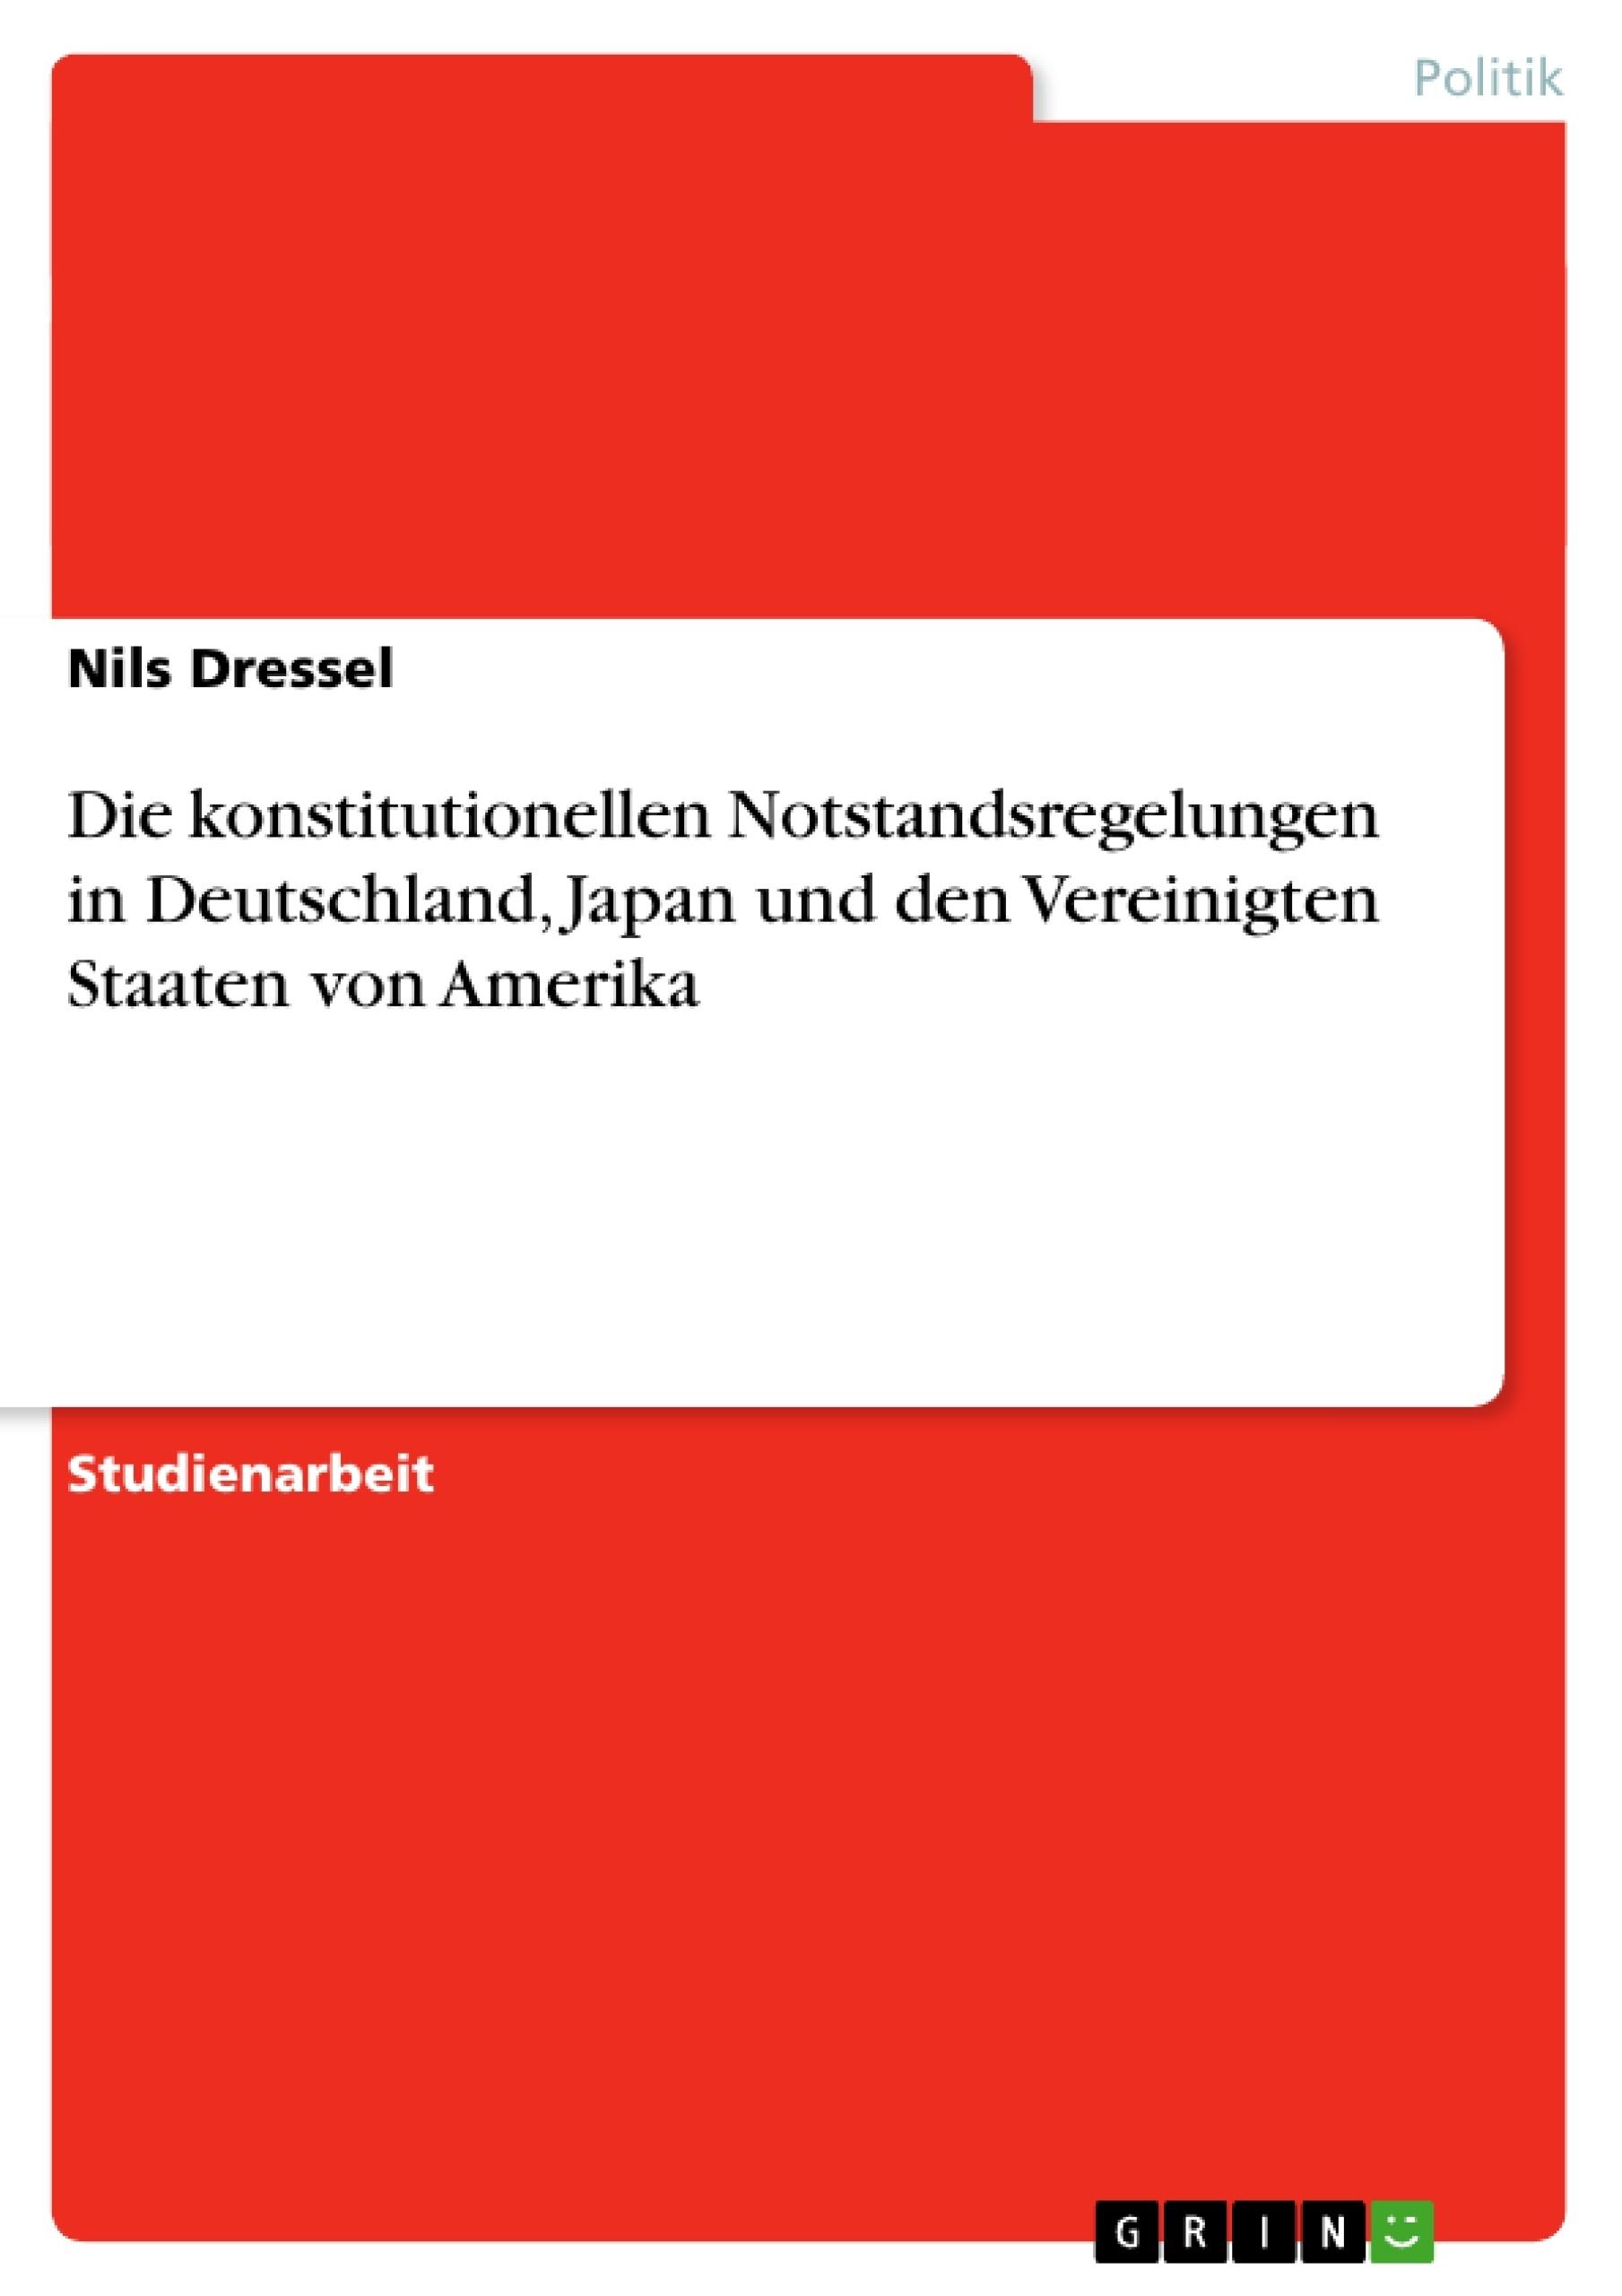 Titel: Die konstitutionellen Notstandsregelungen in Deutschland, Japan und den Vereinigten Staaten von Amerika